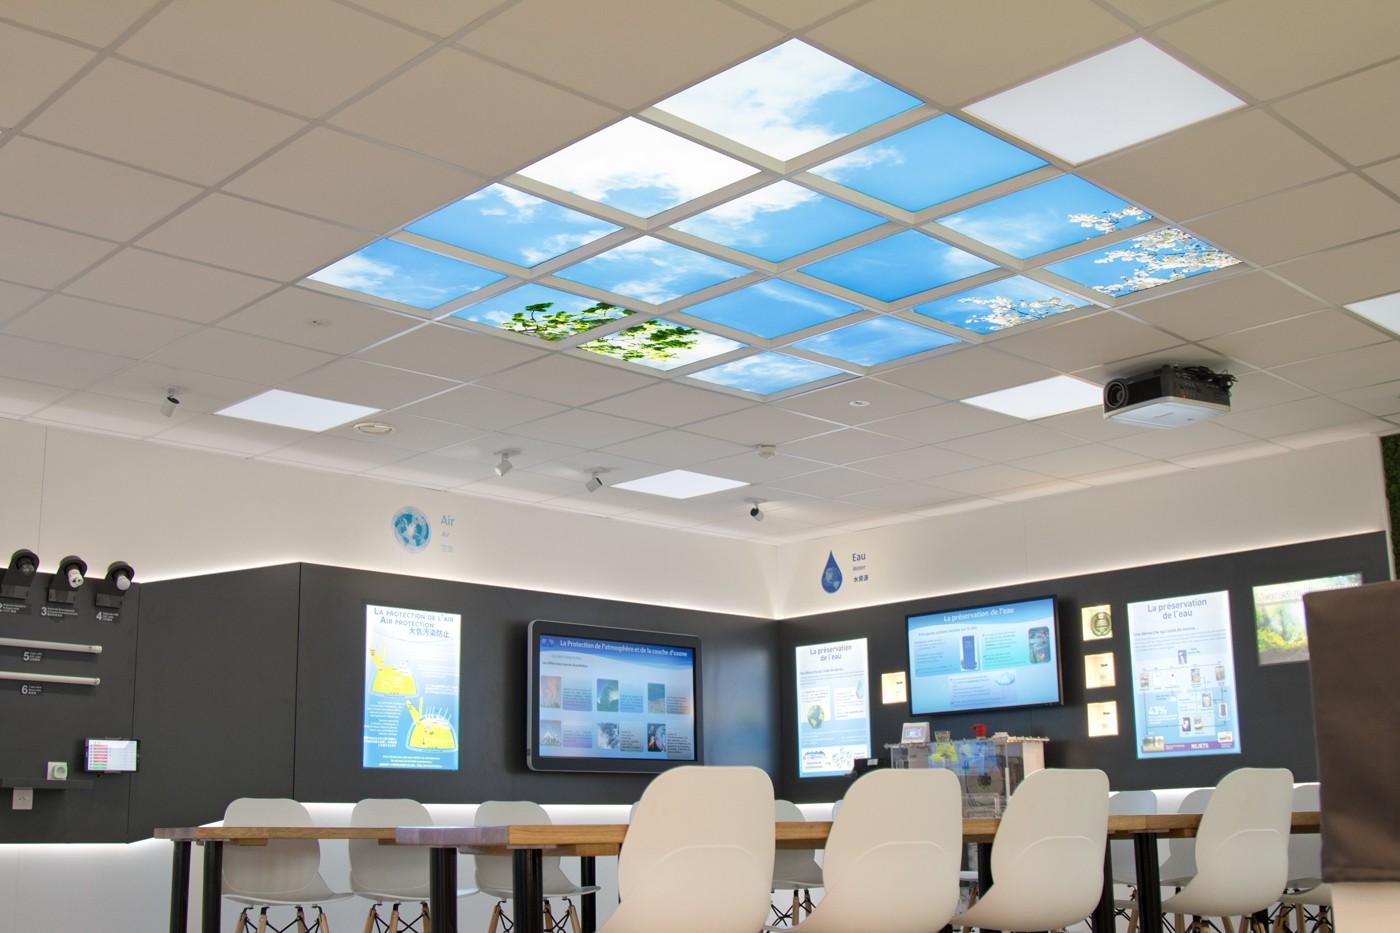 Plafond lumineux Cumulux pour élcairer un showroom sombre de Canon